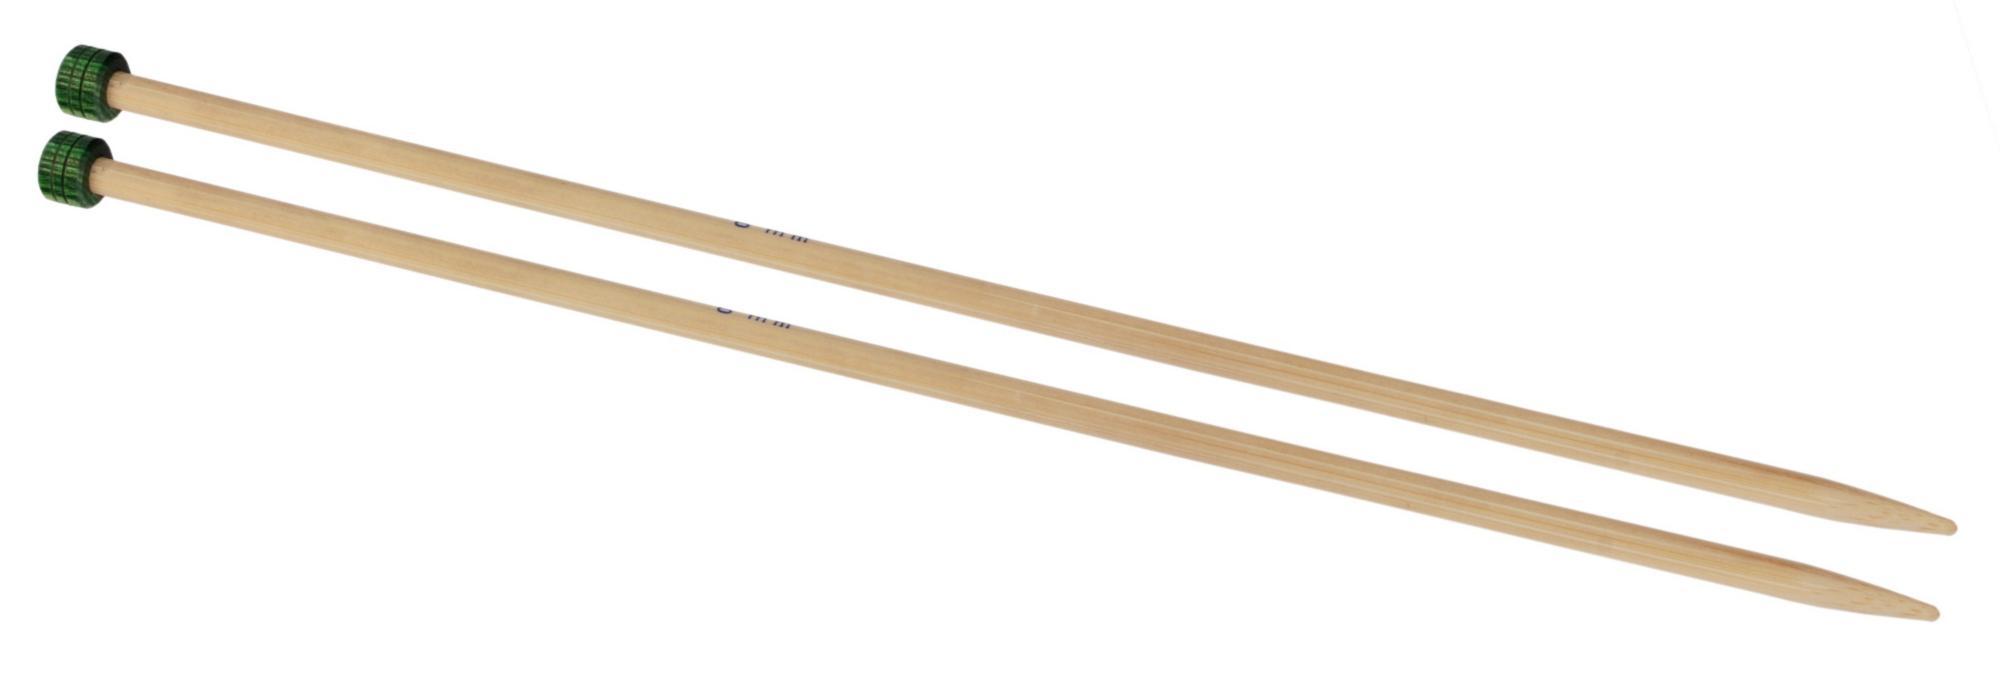 Спицы прямые 30 см Bamboo KnitPro, 22338, 3.75 мм